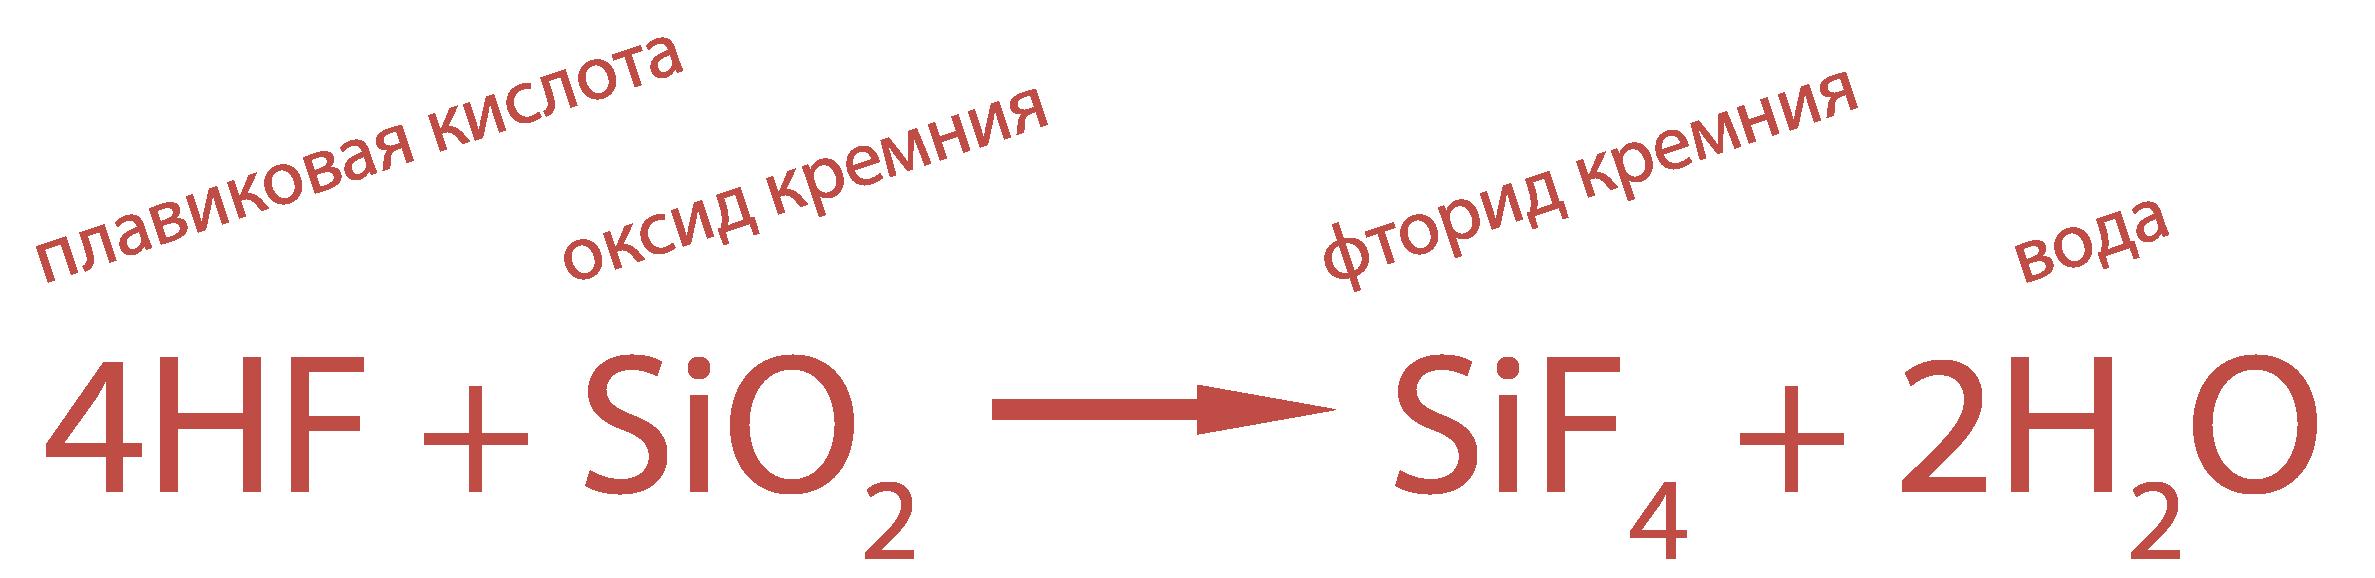 фтор в составе кислоты вытесняет кислород из оксида кремния (основного компонента стекла)